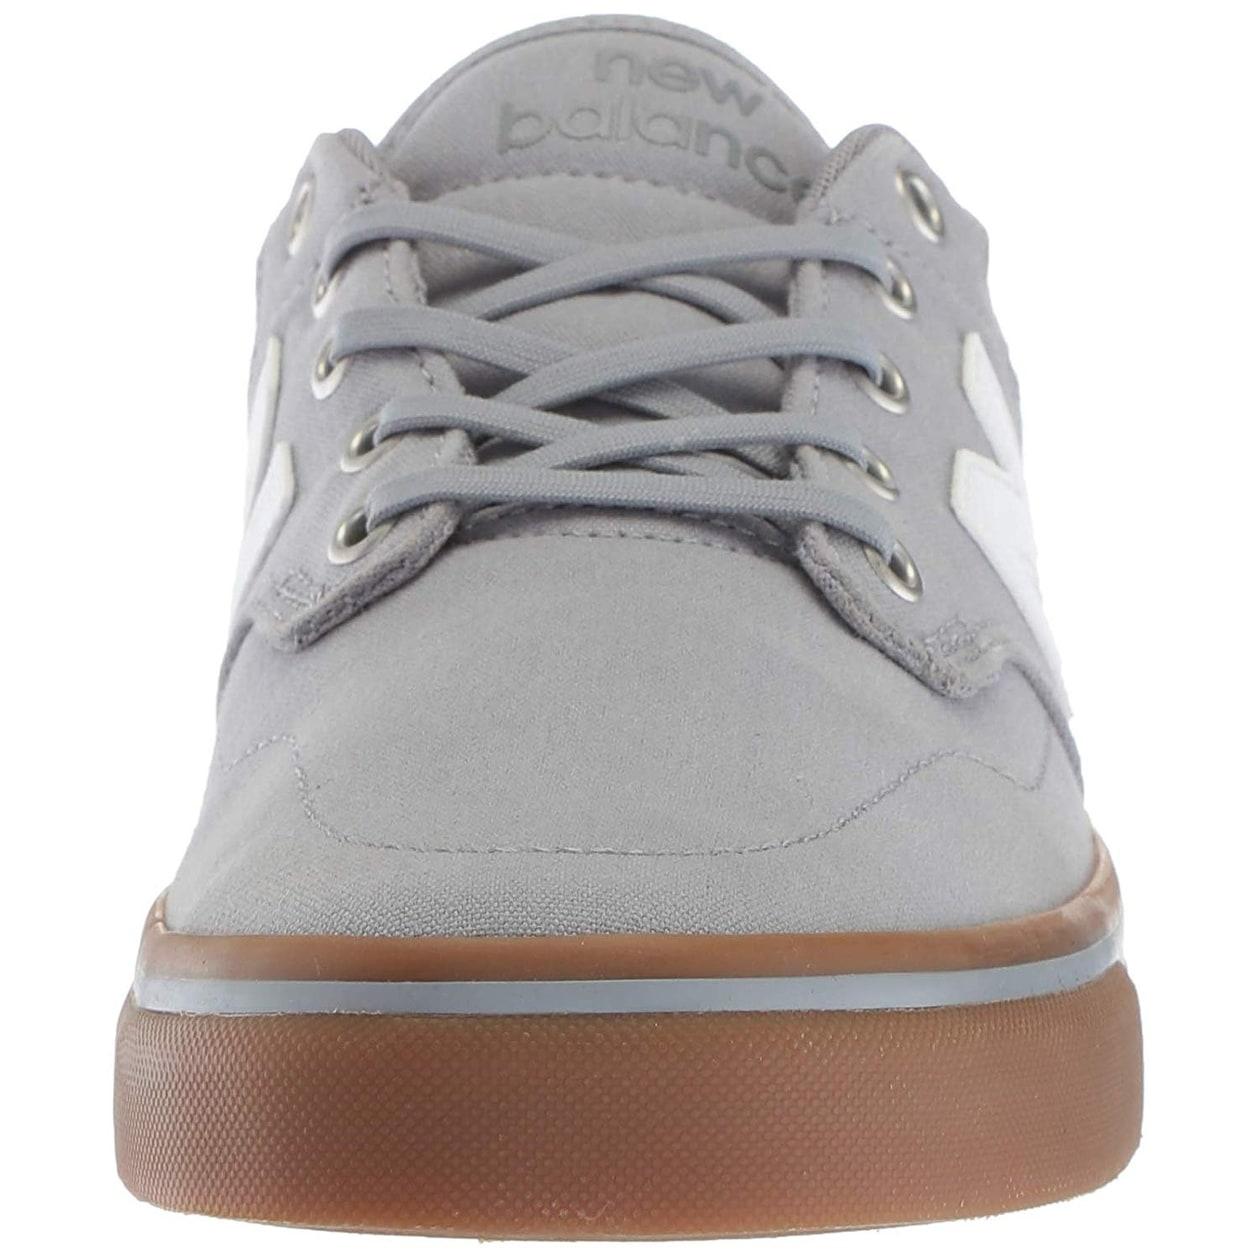 Men's Skate Shoes Skateboarding Shoes for Men New Balance